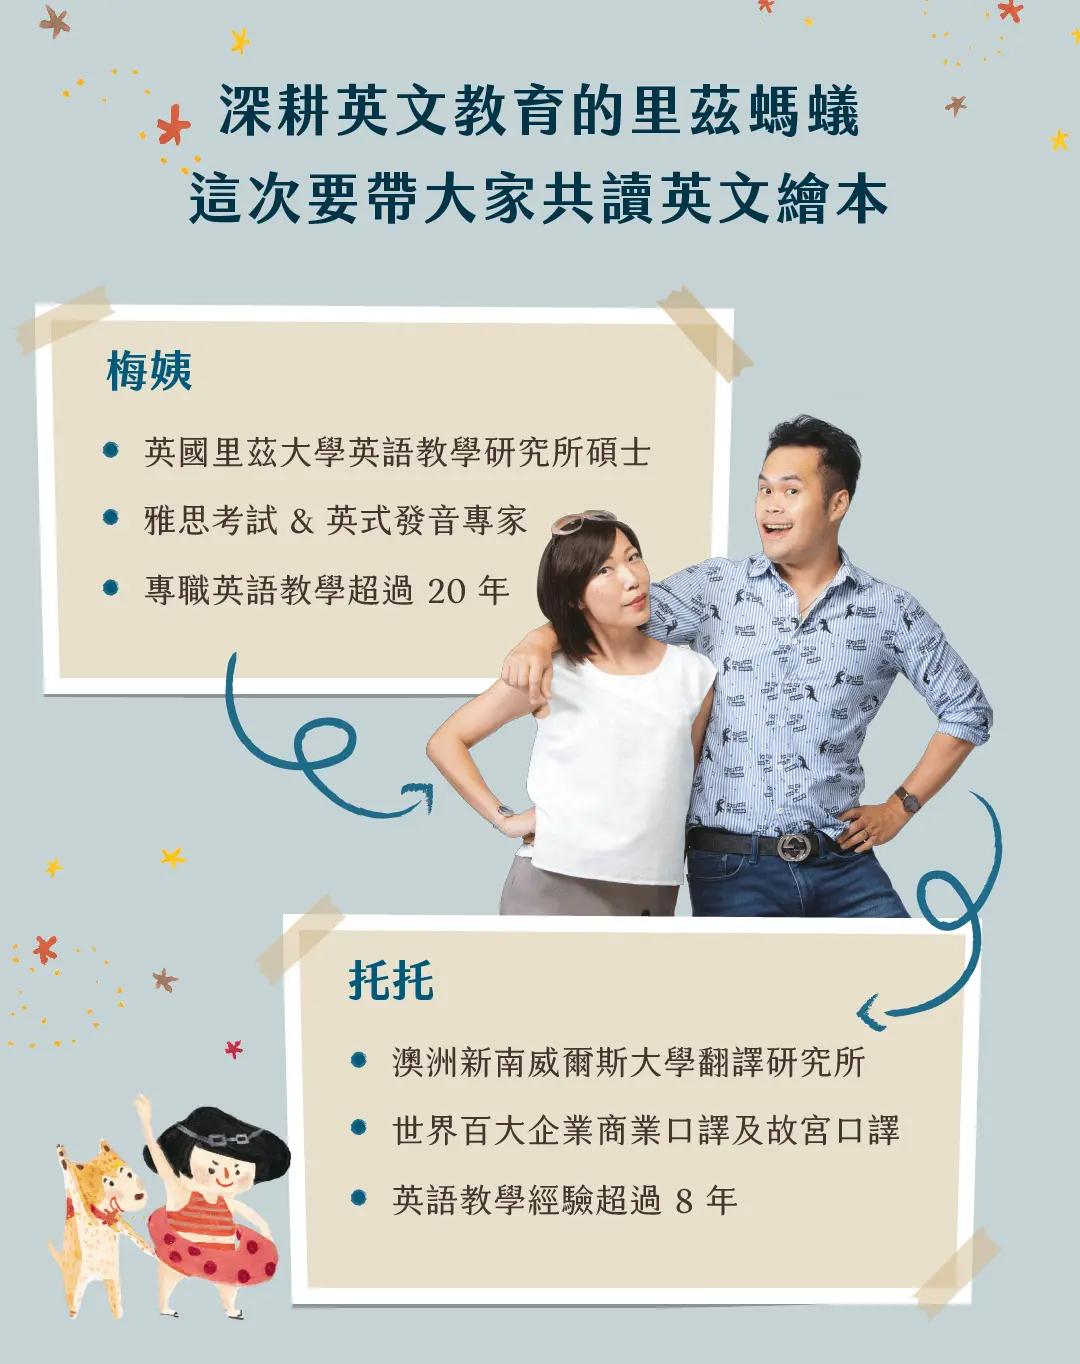 親子共讀雙語繪本課 - 關於老師